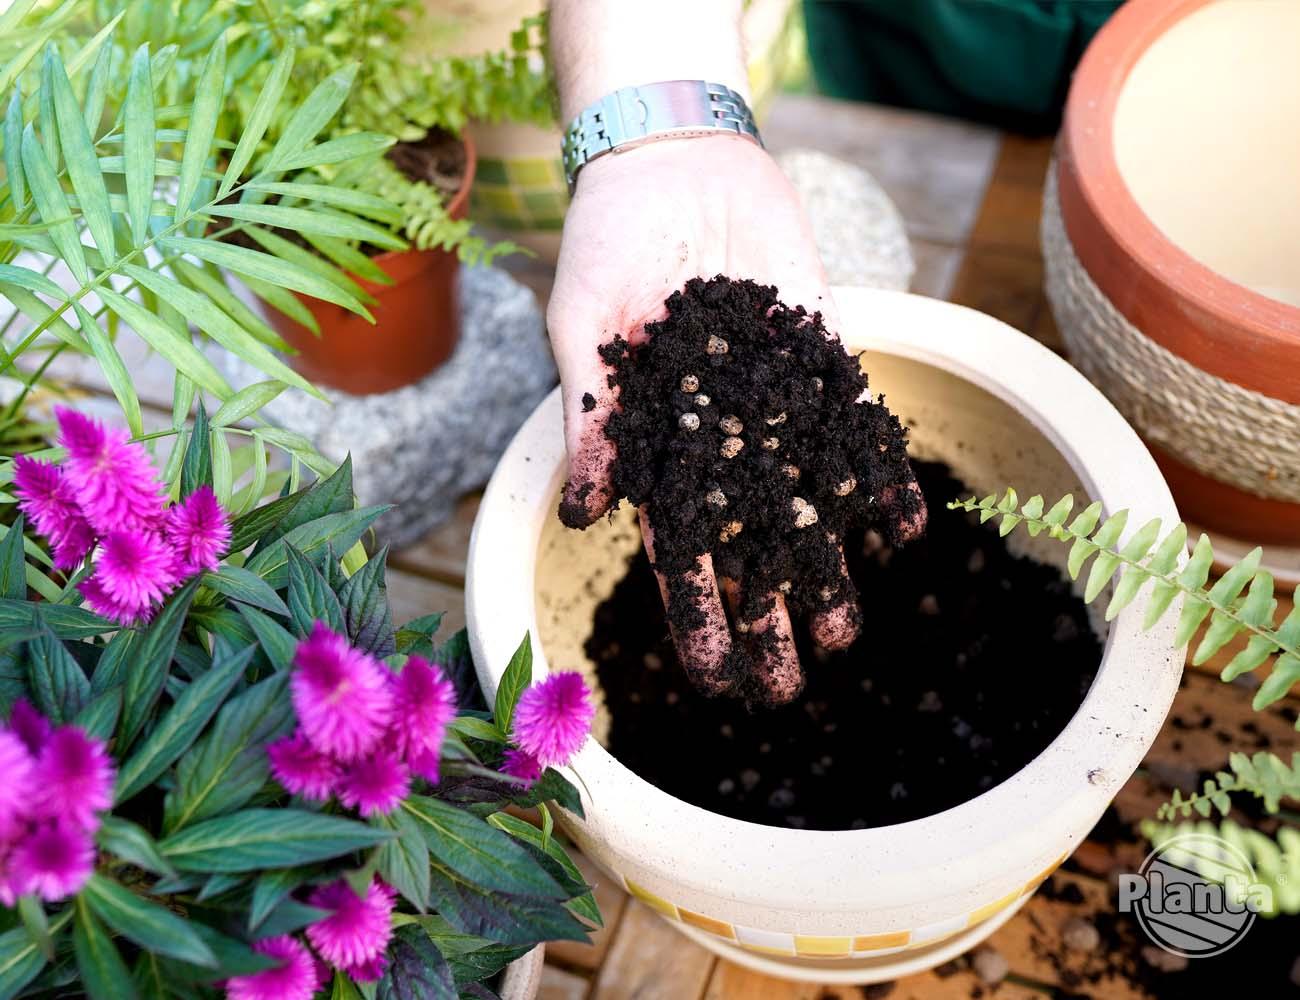 Keramzyt zmieszany z podłożem zapewnia dostęp powietrza do korzeni